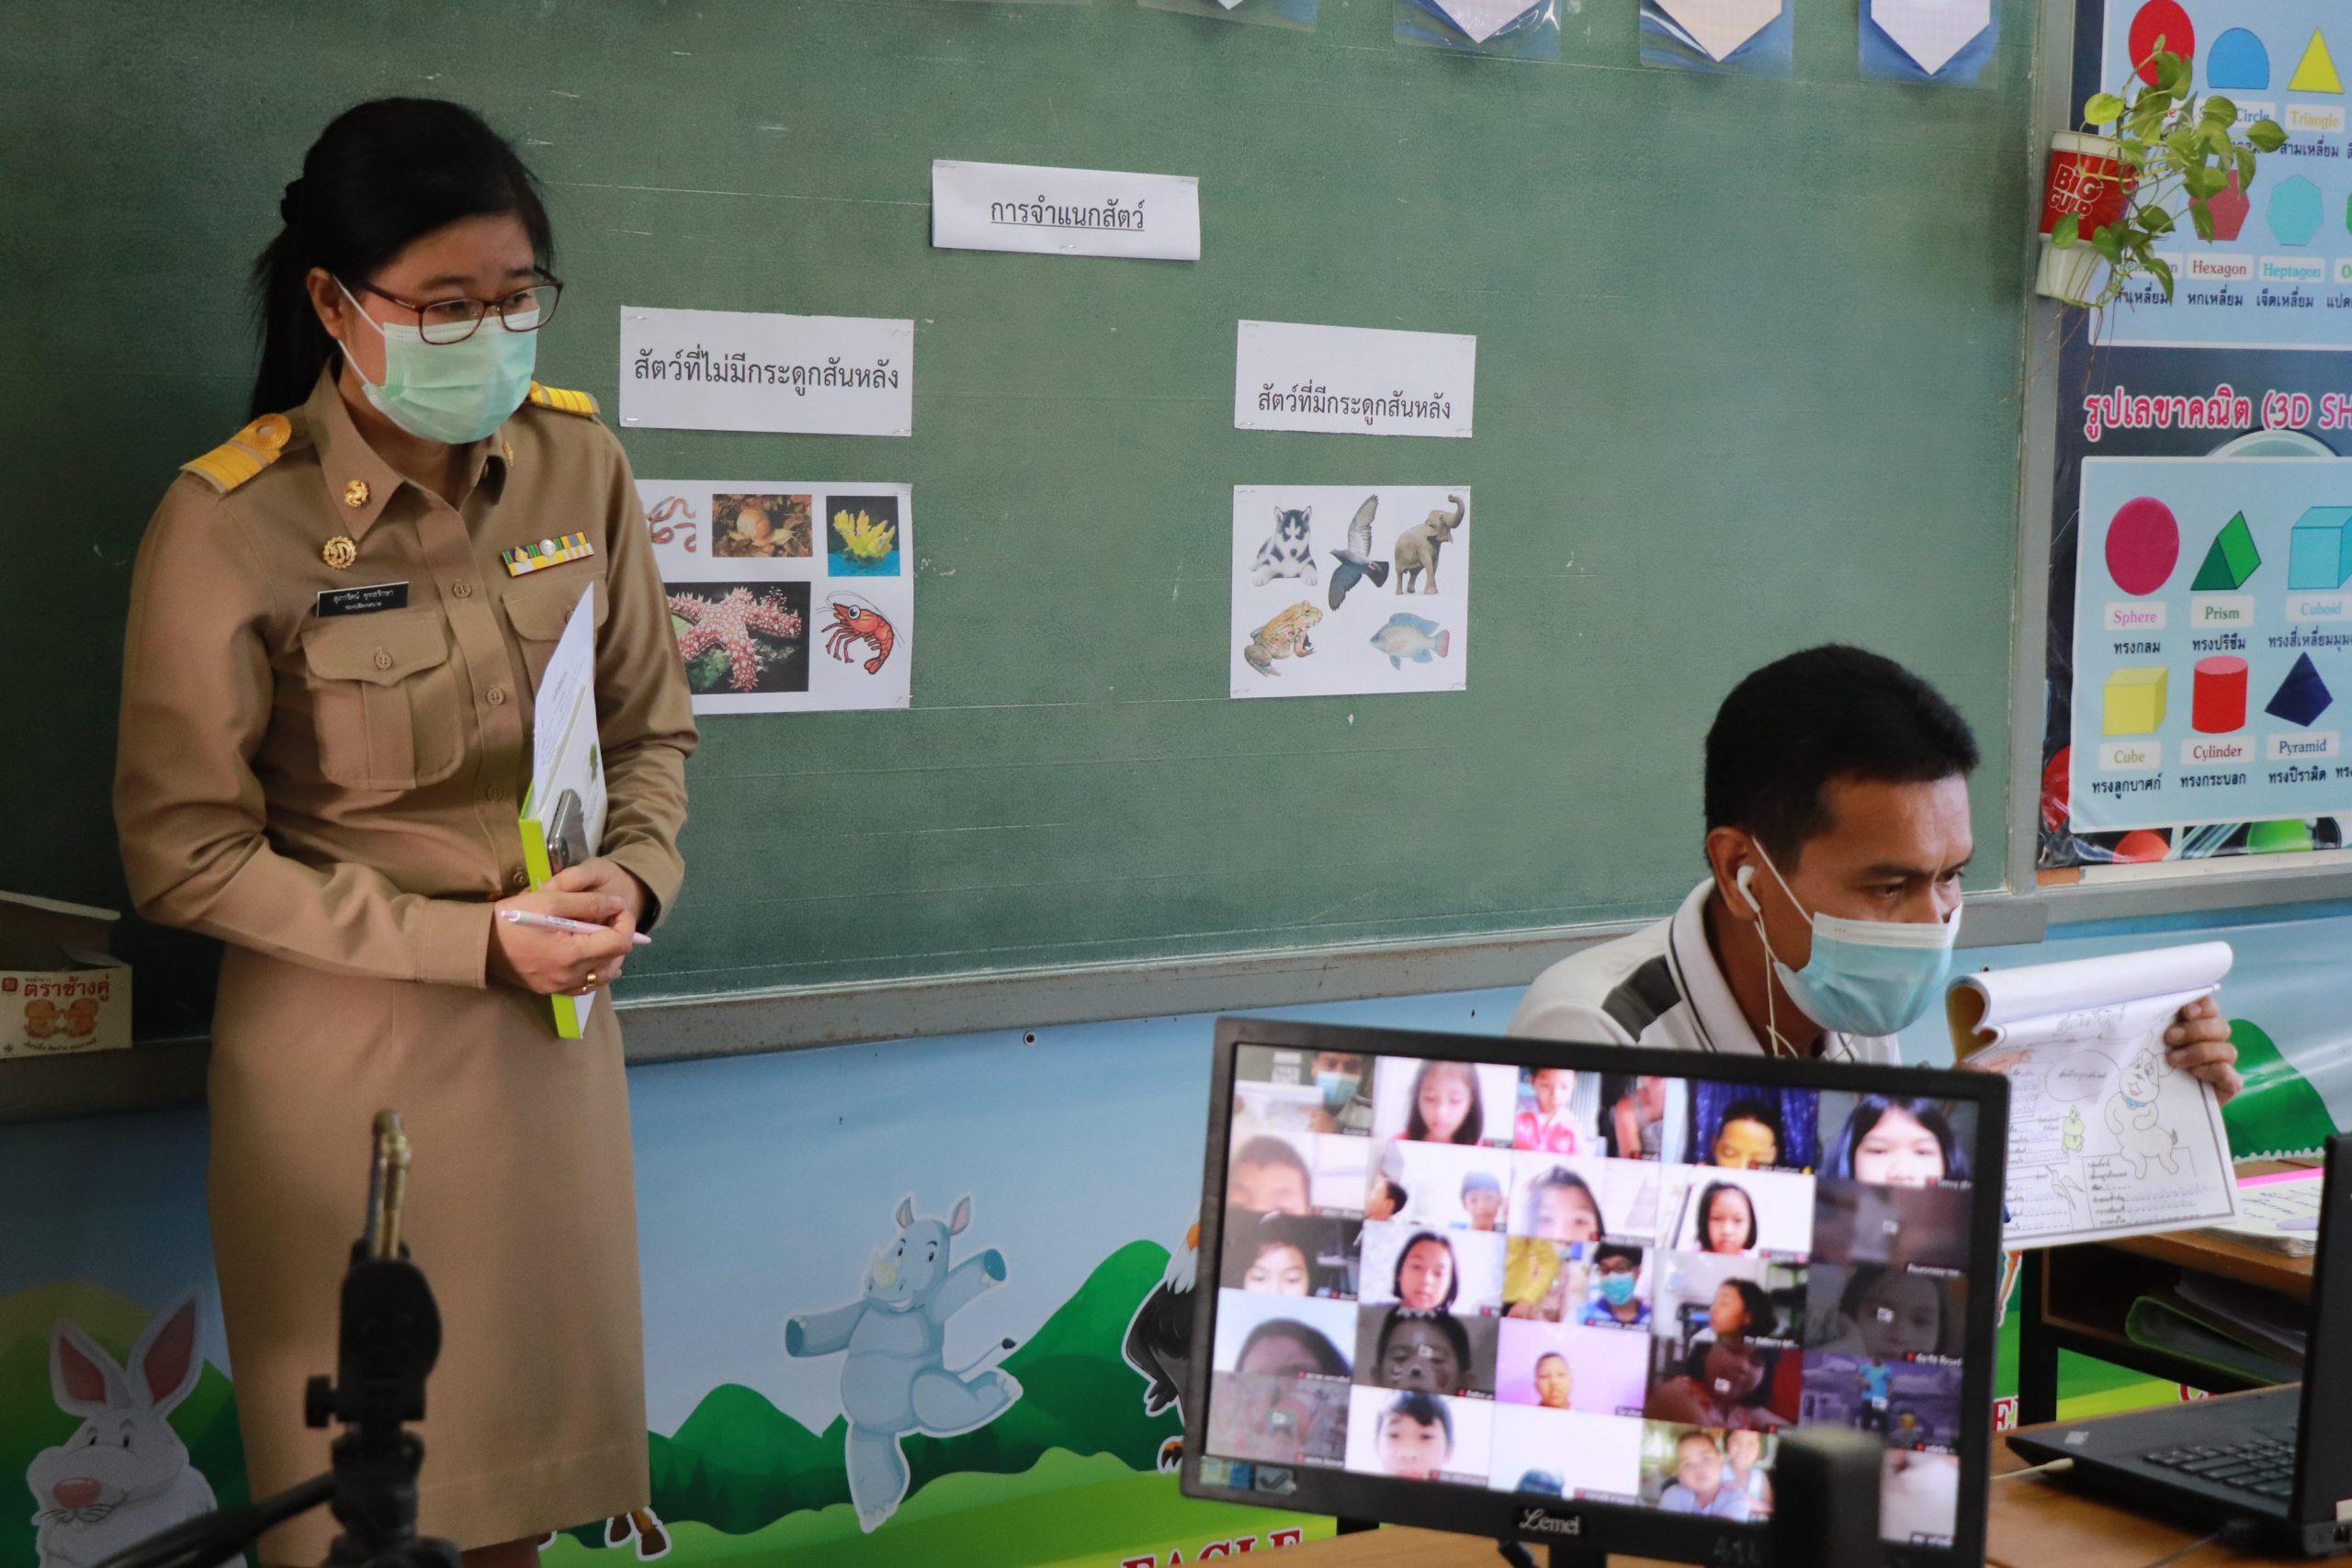 ติดตามการจัดการเรียนการสอนและมาตรการป้องกันในสถานการณ์การระบาดของโรคโควิด-19